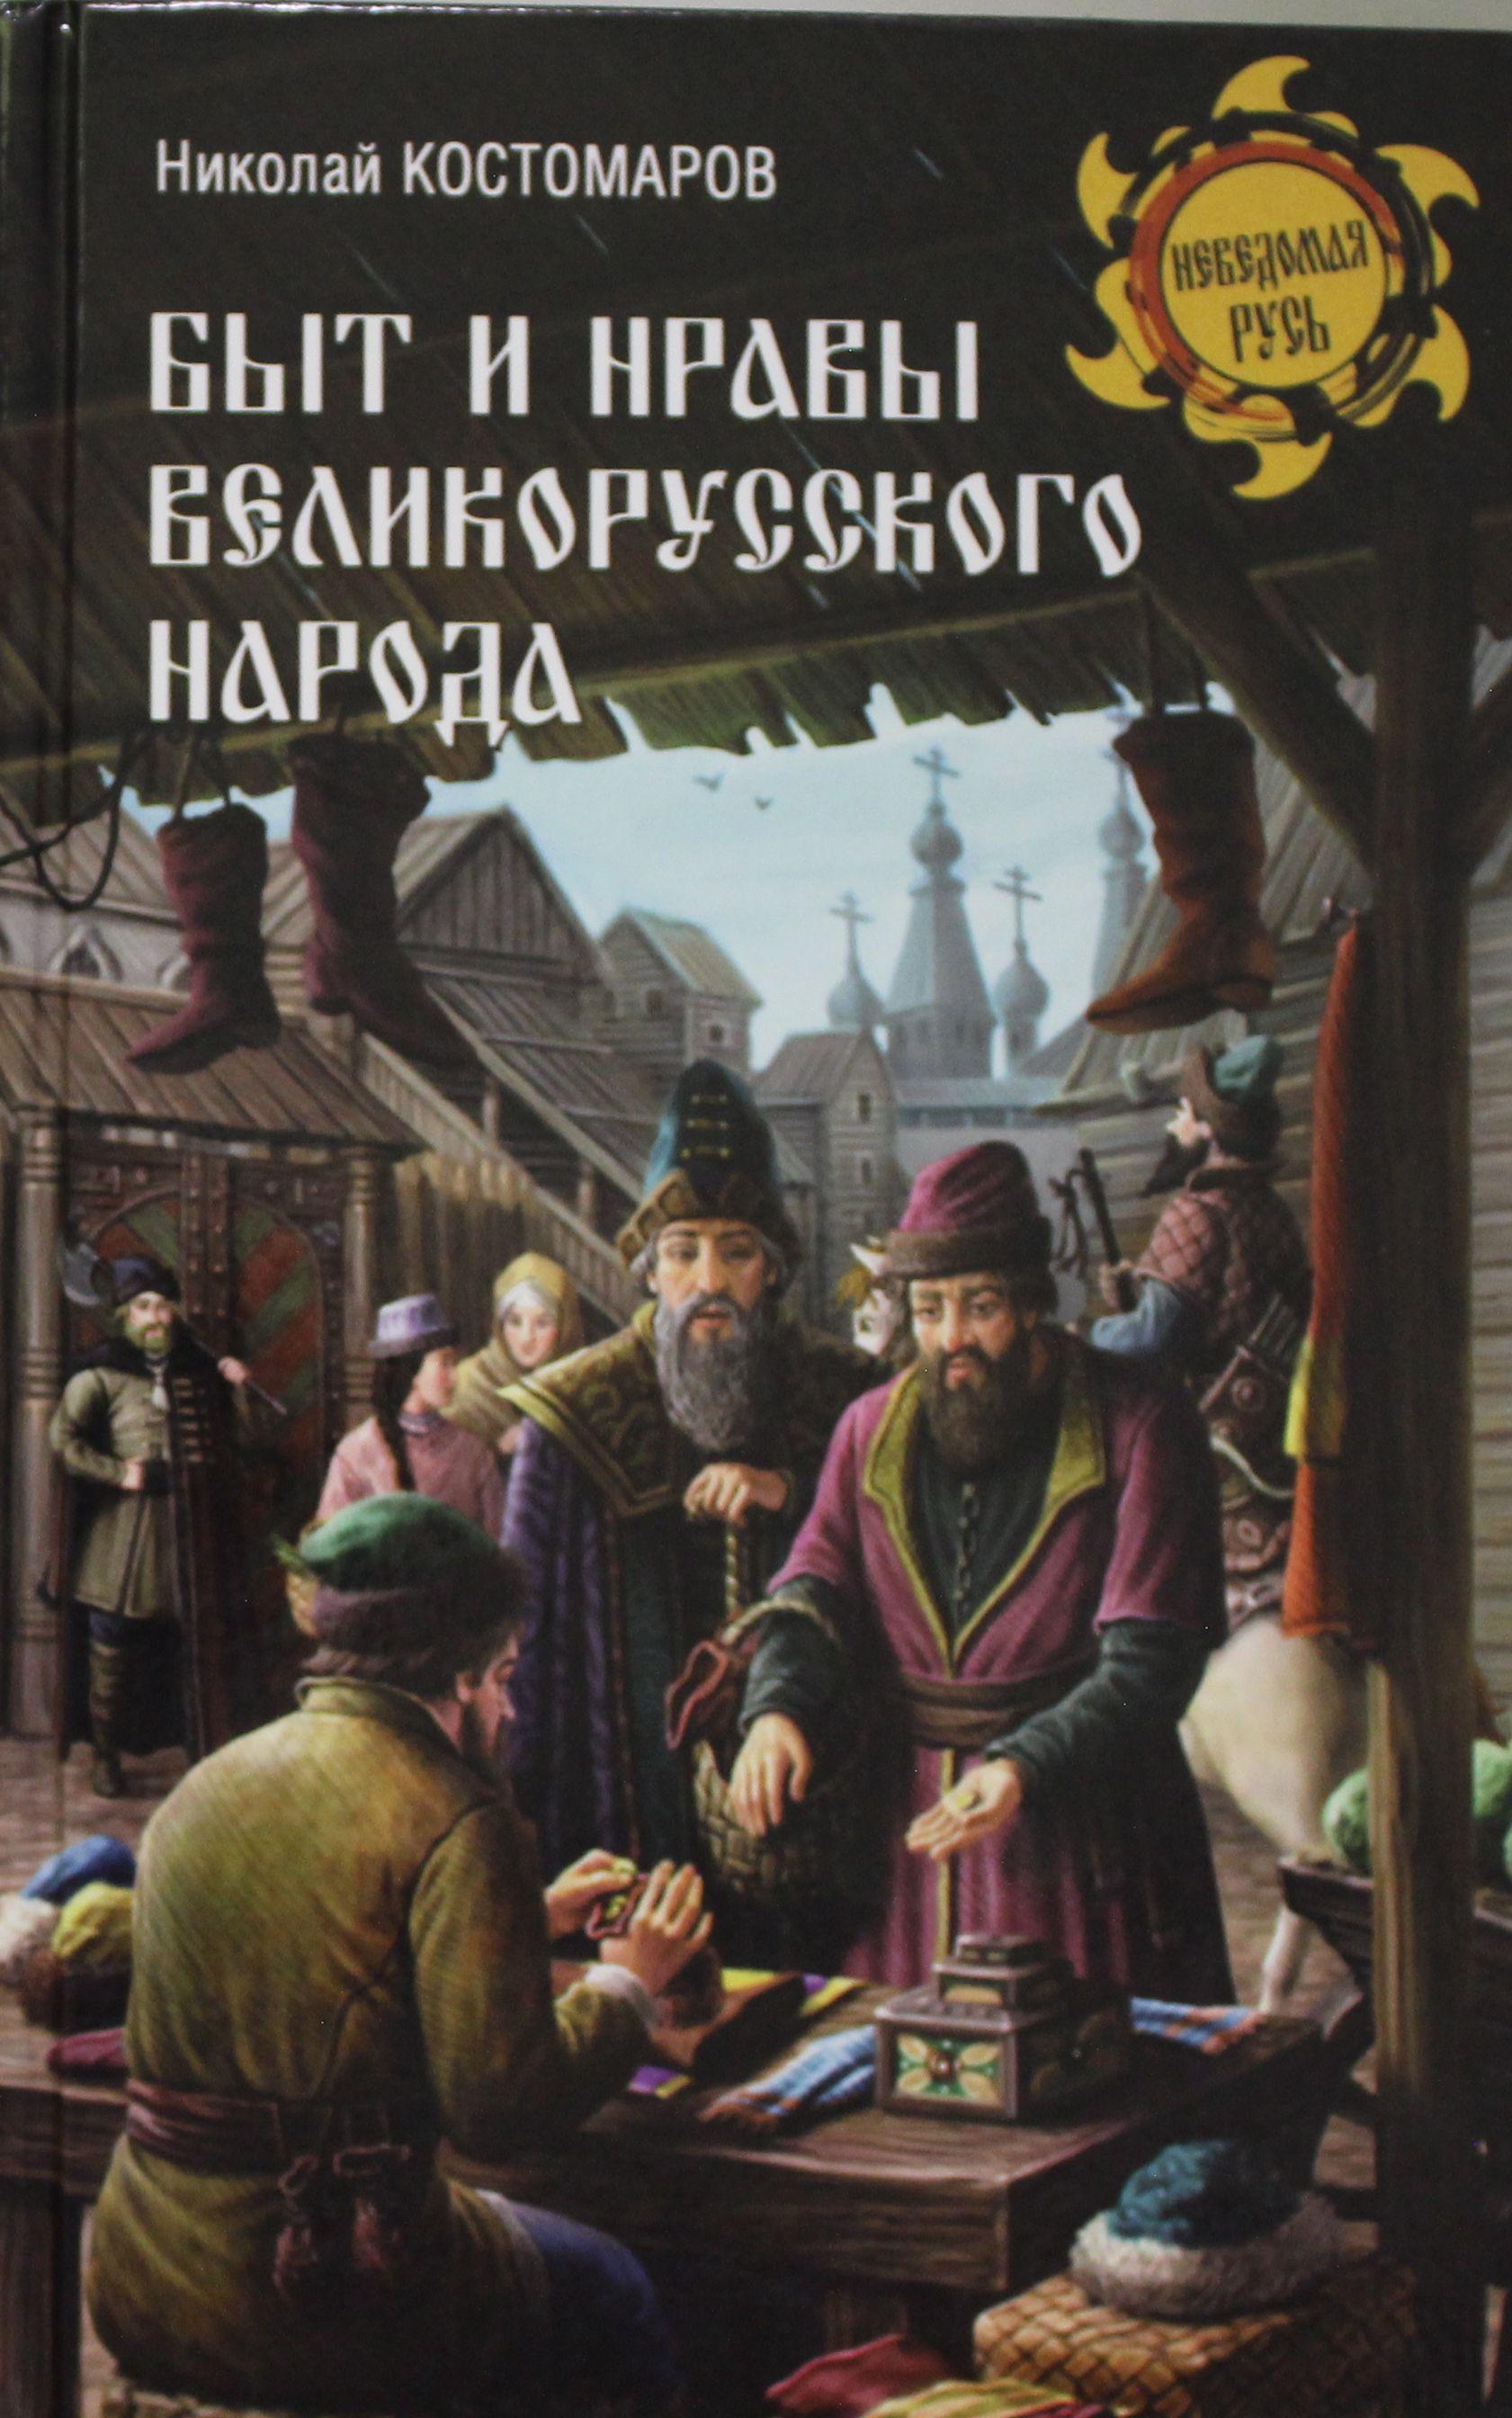 Byt i nravy velikorusskogo naroda